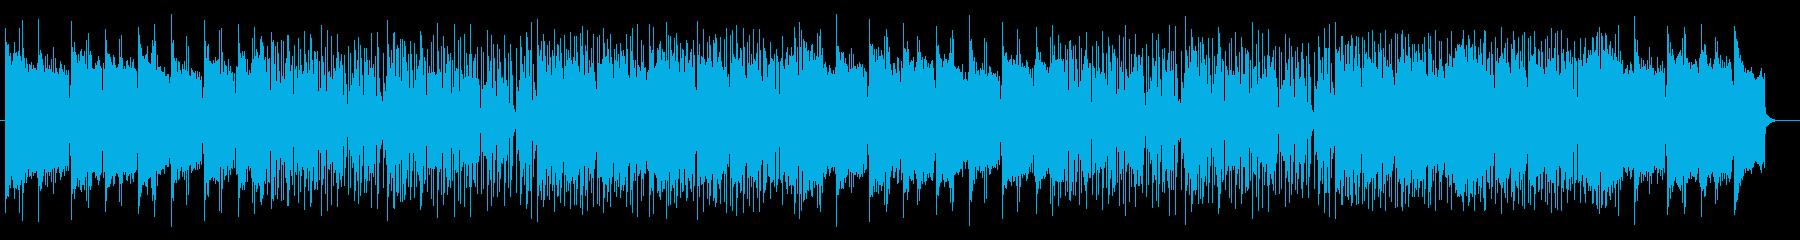 広がりのある明るい前向きな曲の再生済みの波形